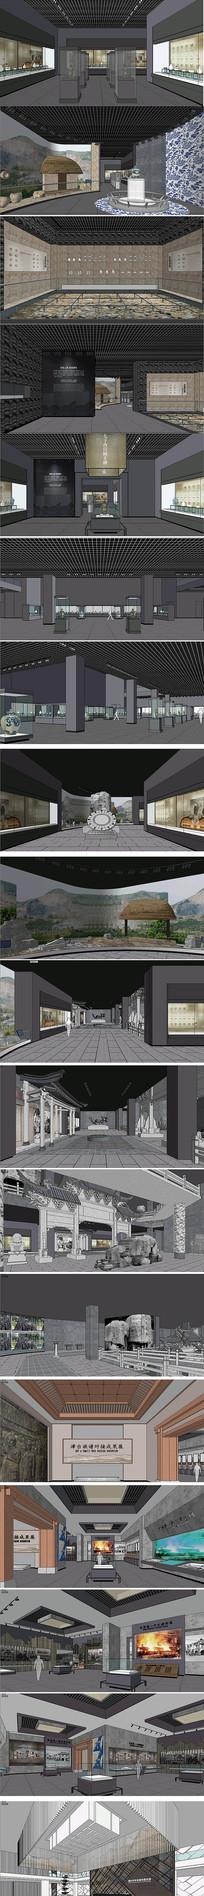 文化展馆模型